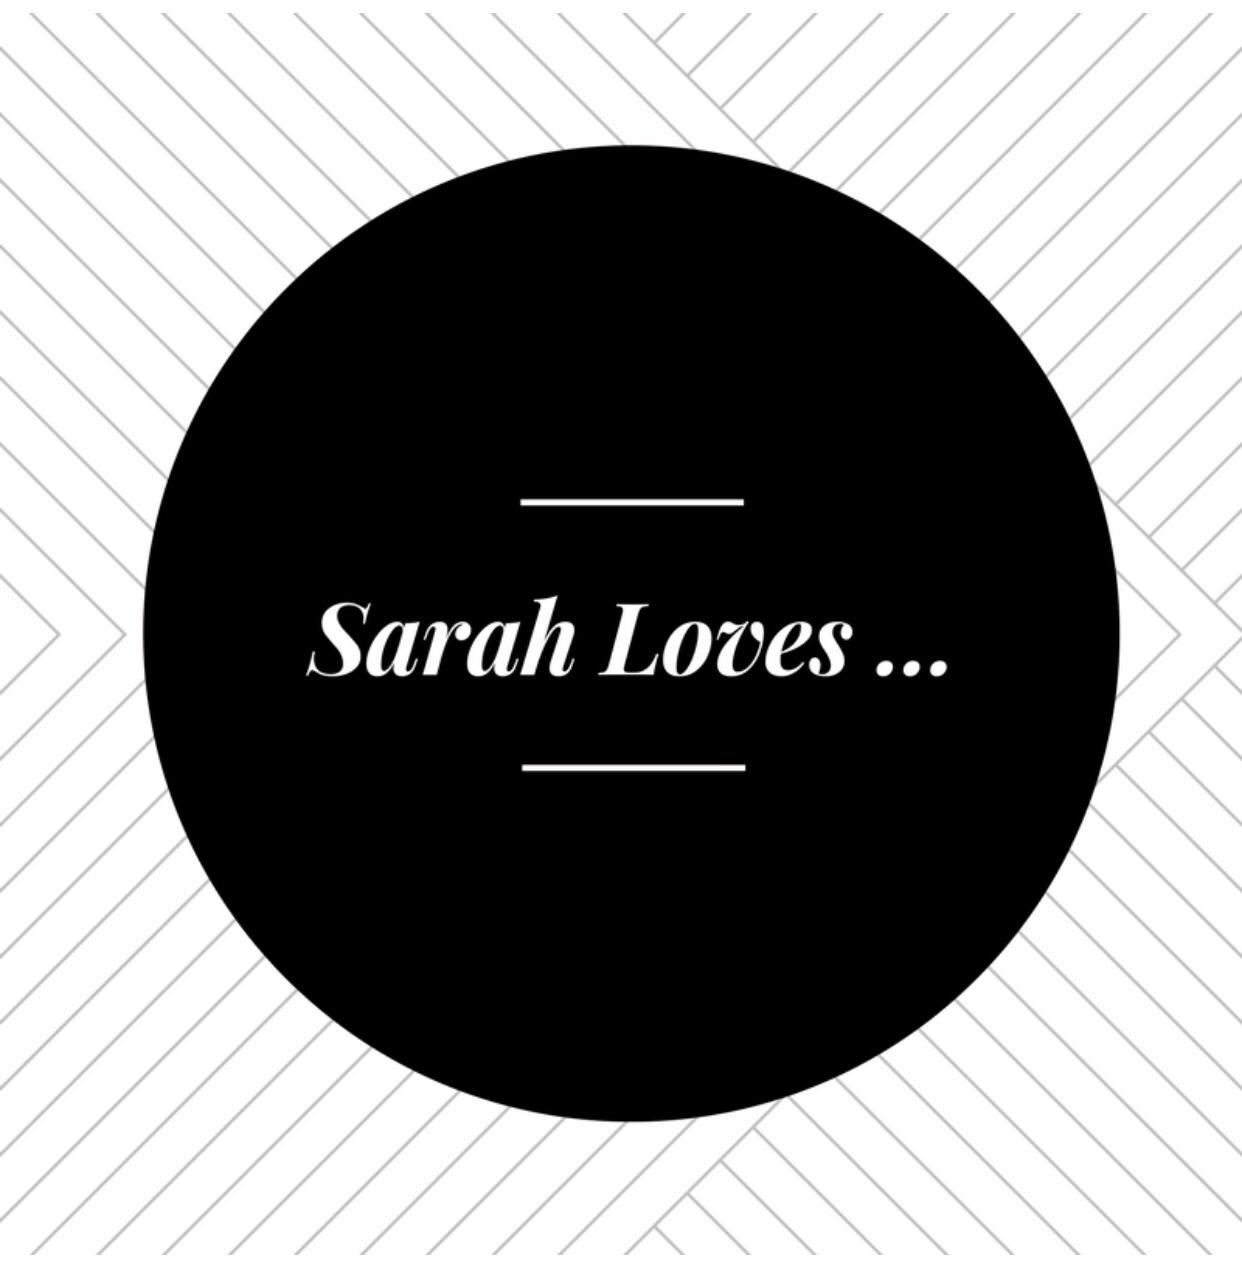 Sarah Loves …